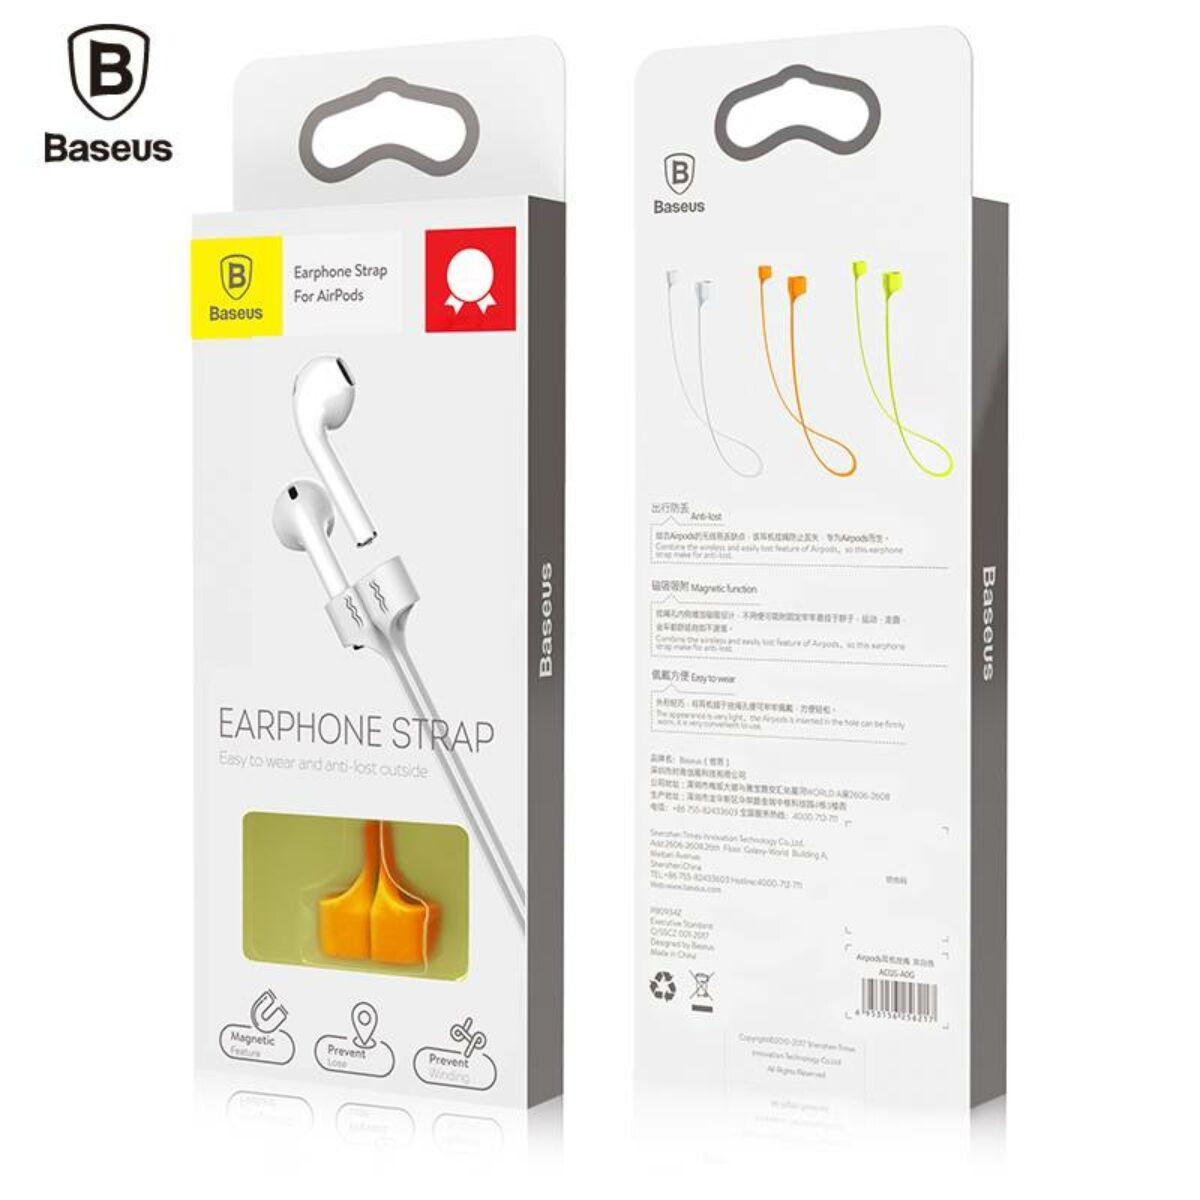 Baseus fülhallgató, tartó, AirPods kompatibilis, szilikon, mágneses, nyakba akasztható, lapos kábel, narancssárga (ACGS-A07)